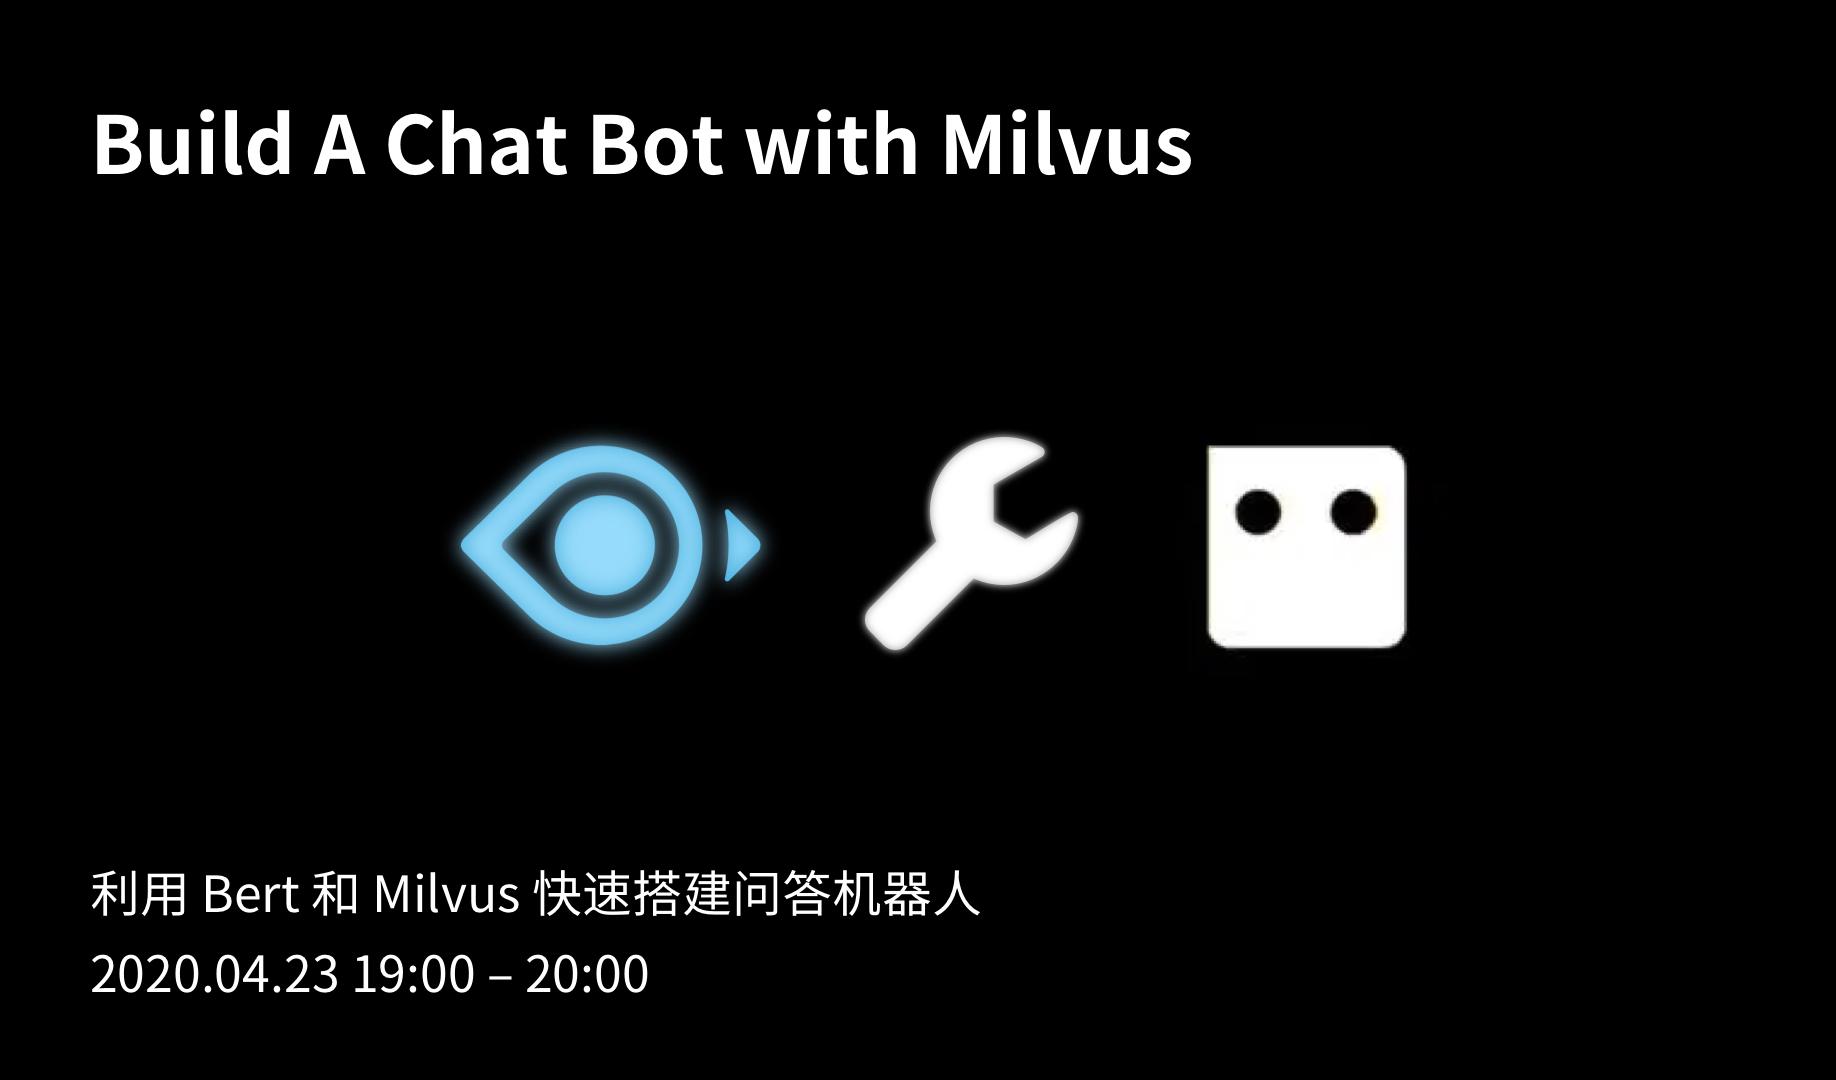 利用Bert和Milvus快速搭建智能问答机器人